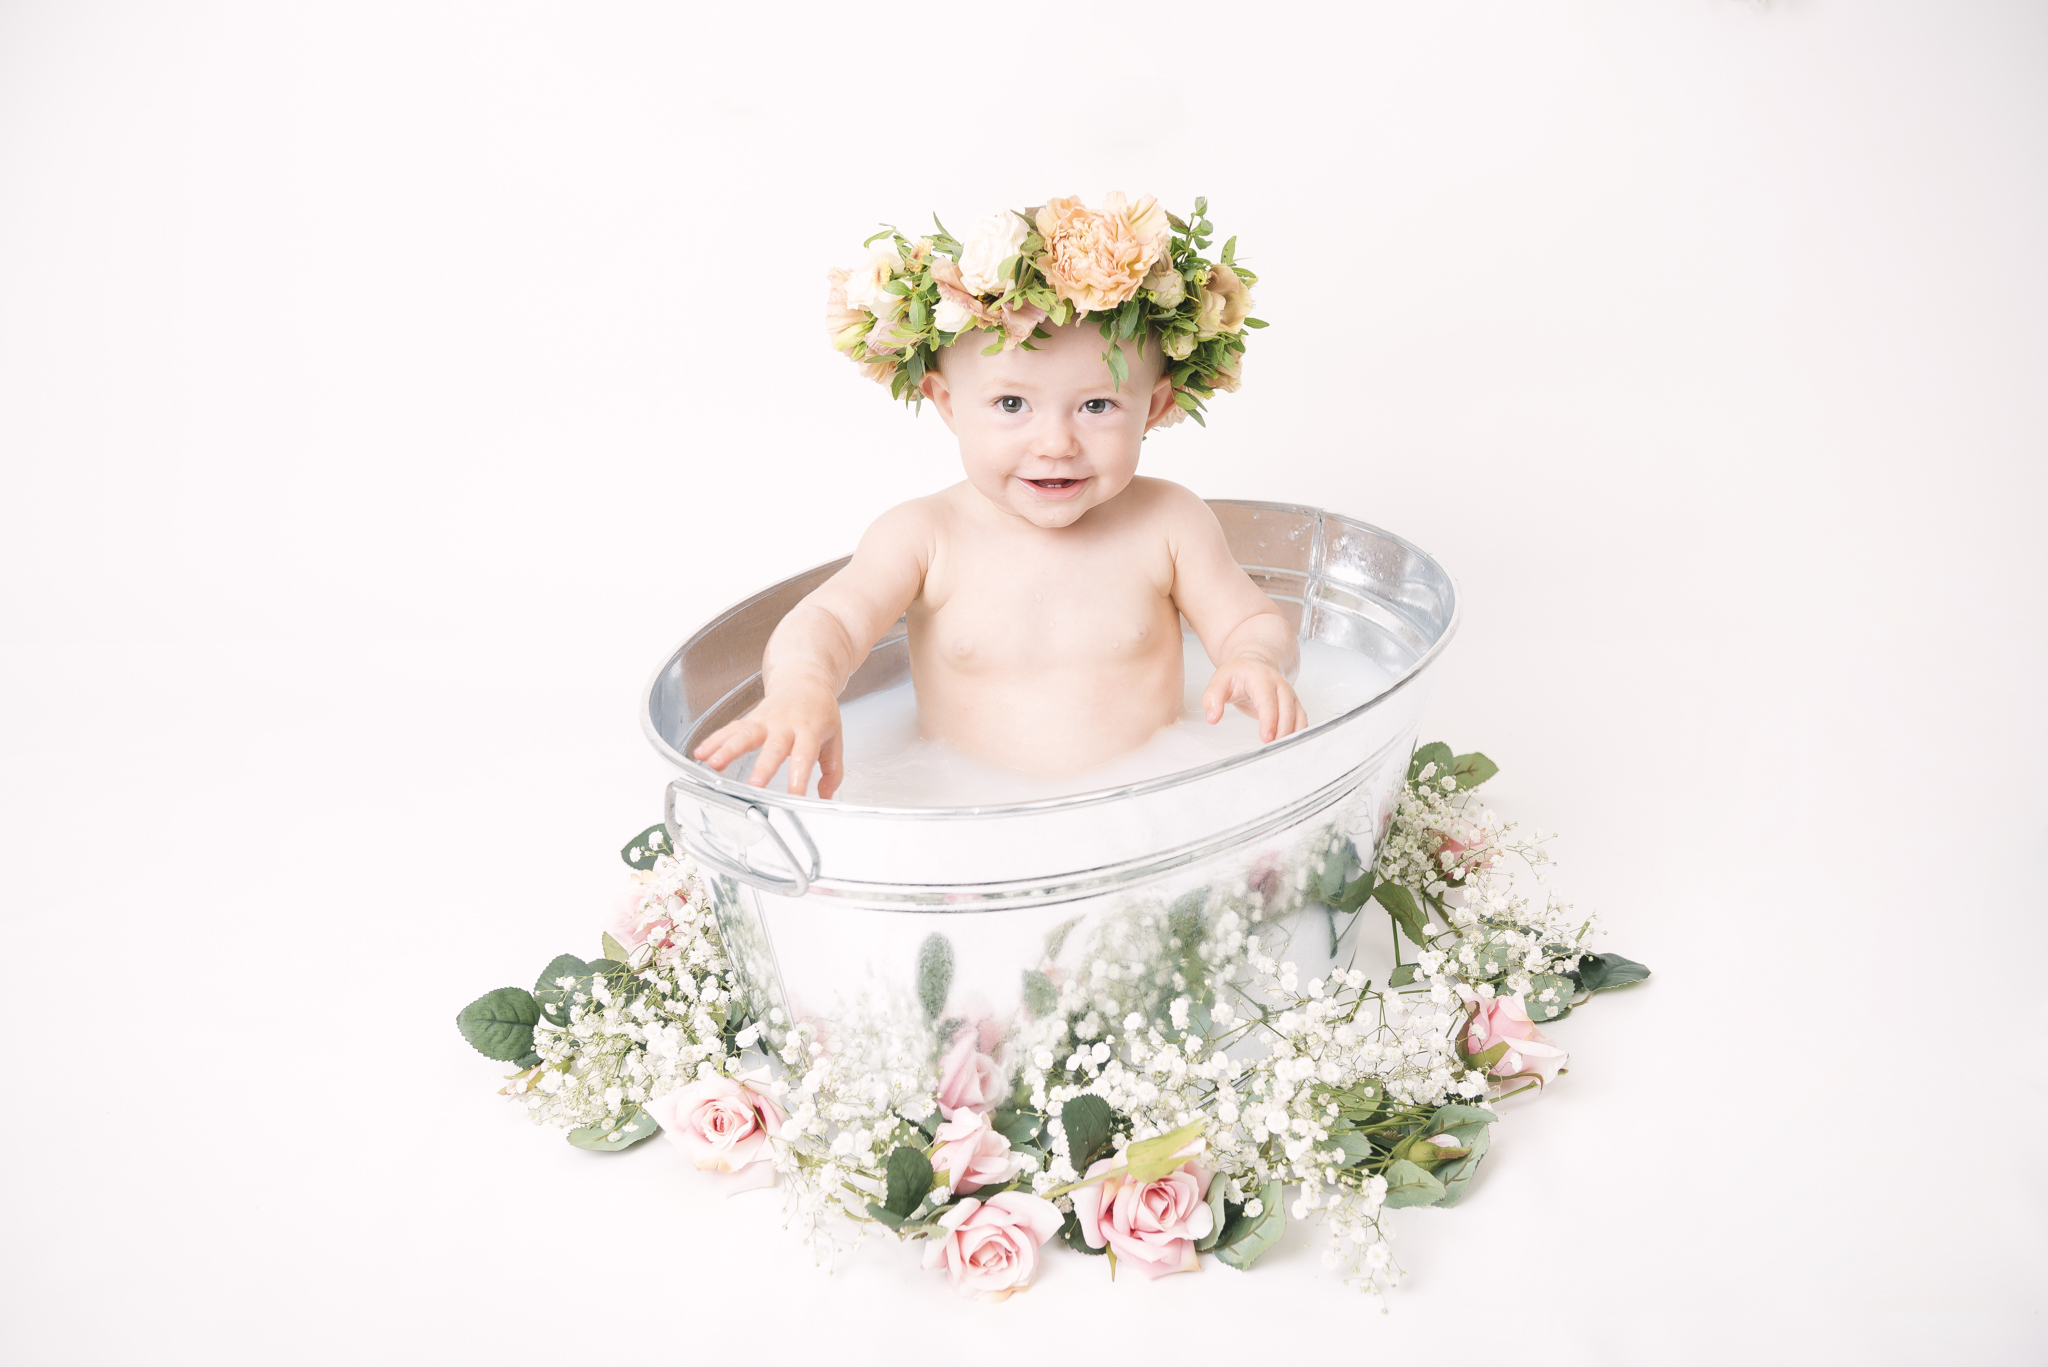 Ettårsfotografering med mjölkbad och blomsterkrans